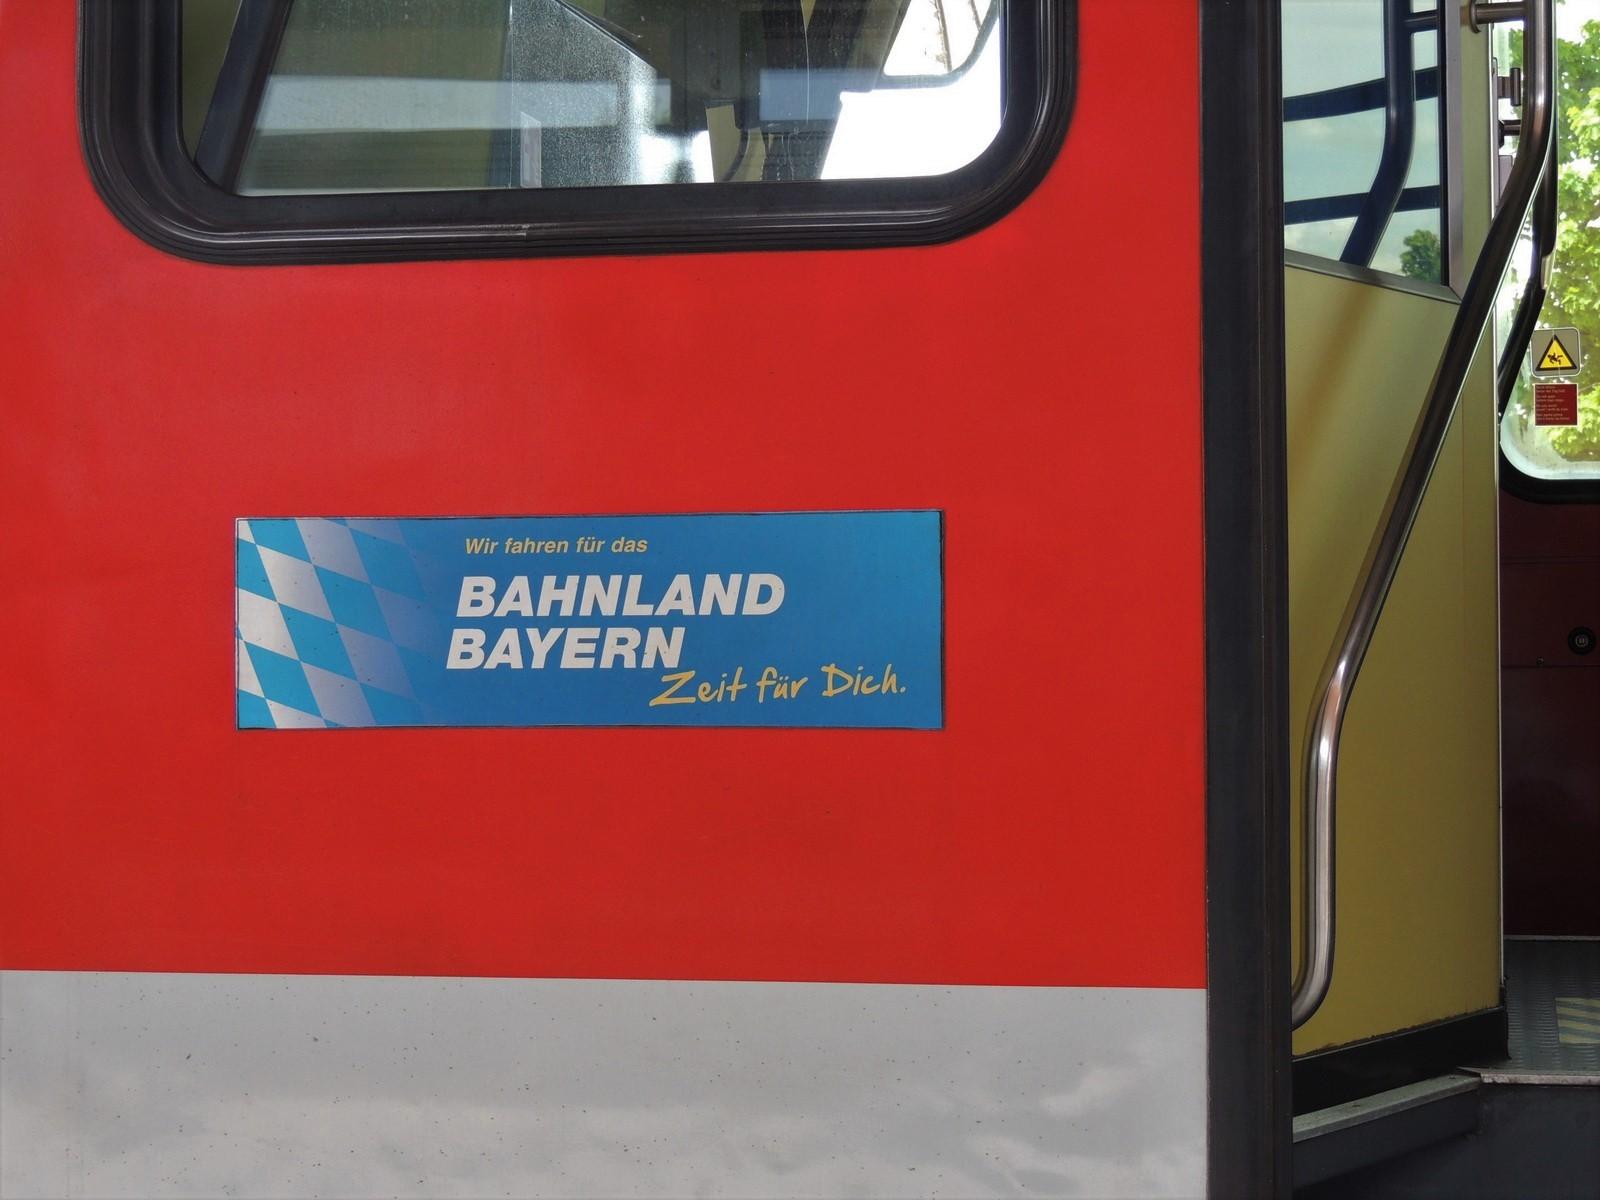 Bahnland Bayern